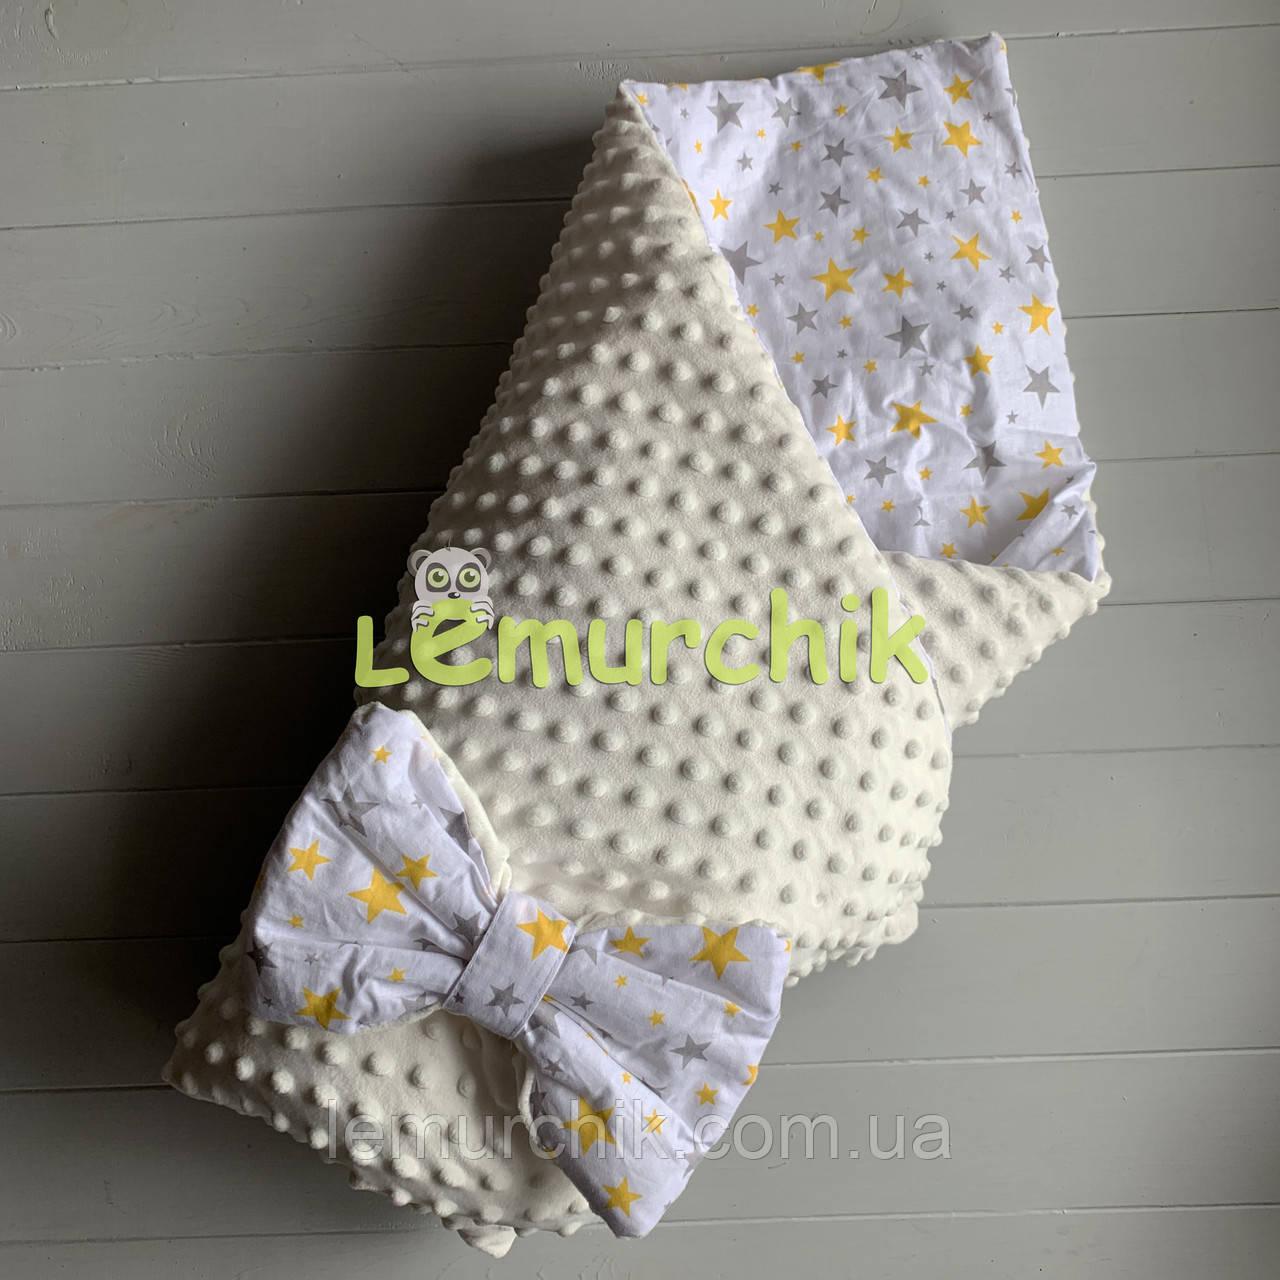 Конверт-одеяло минки на съемном синтепоне молочный Звездочки желто-серые